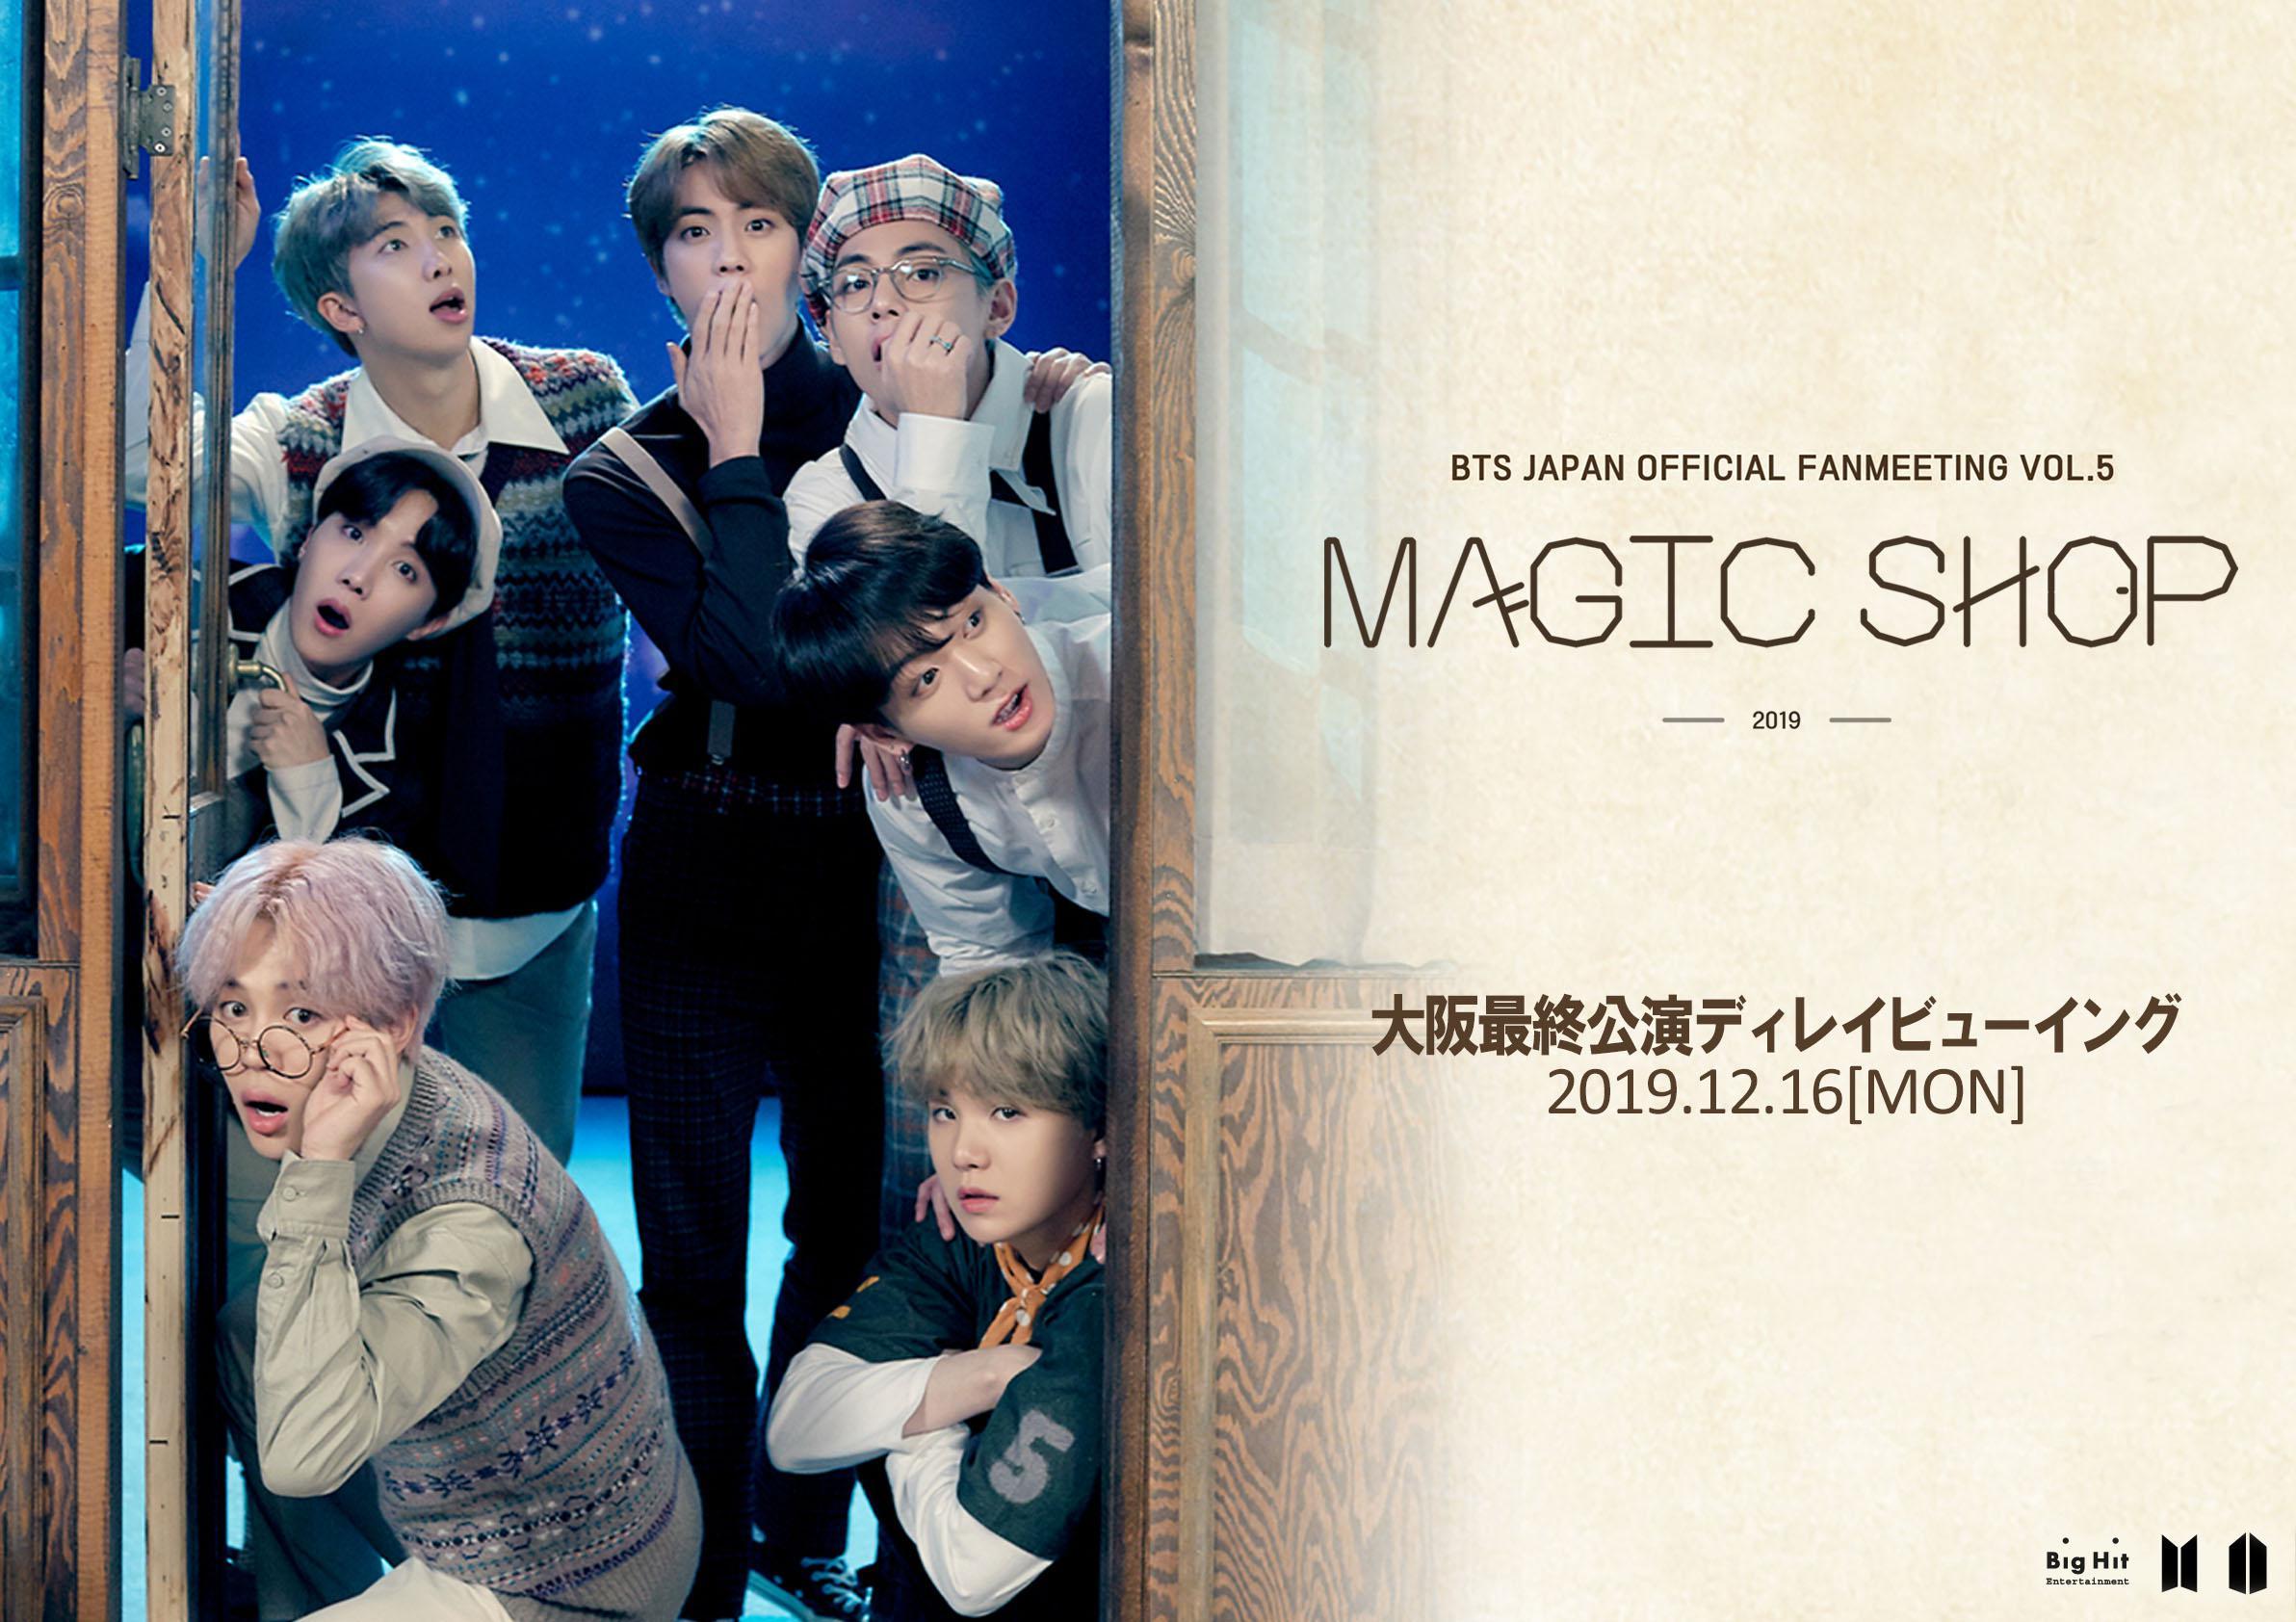 劇場販売決定 2019年12月16日 月 Bts Japan Official